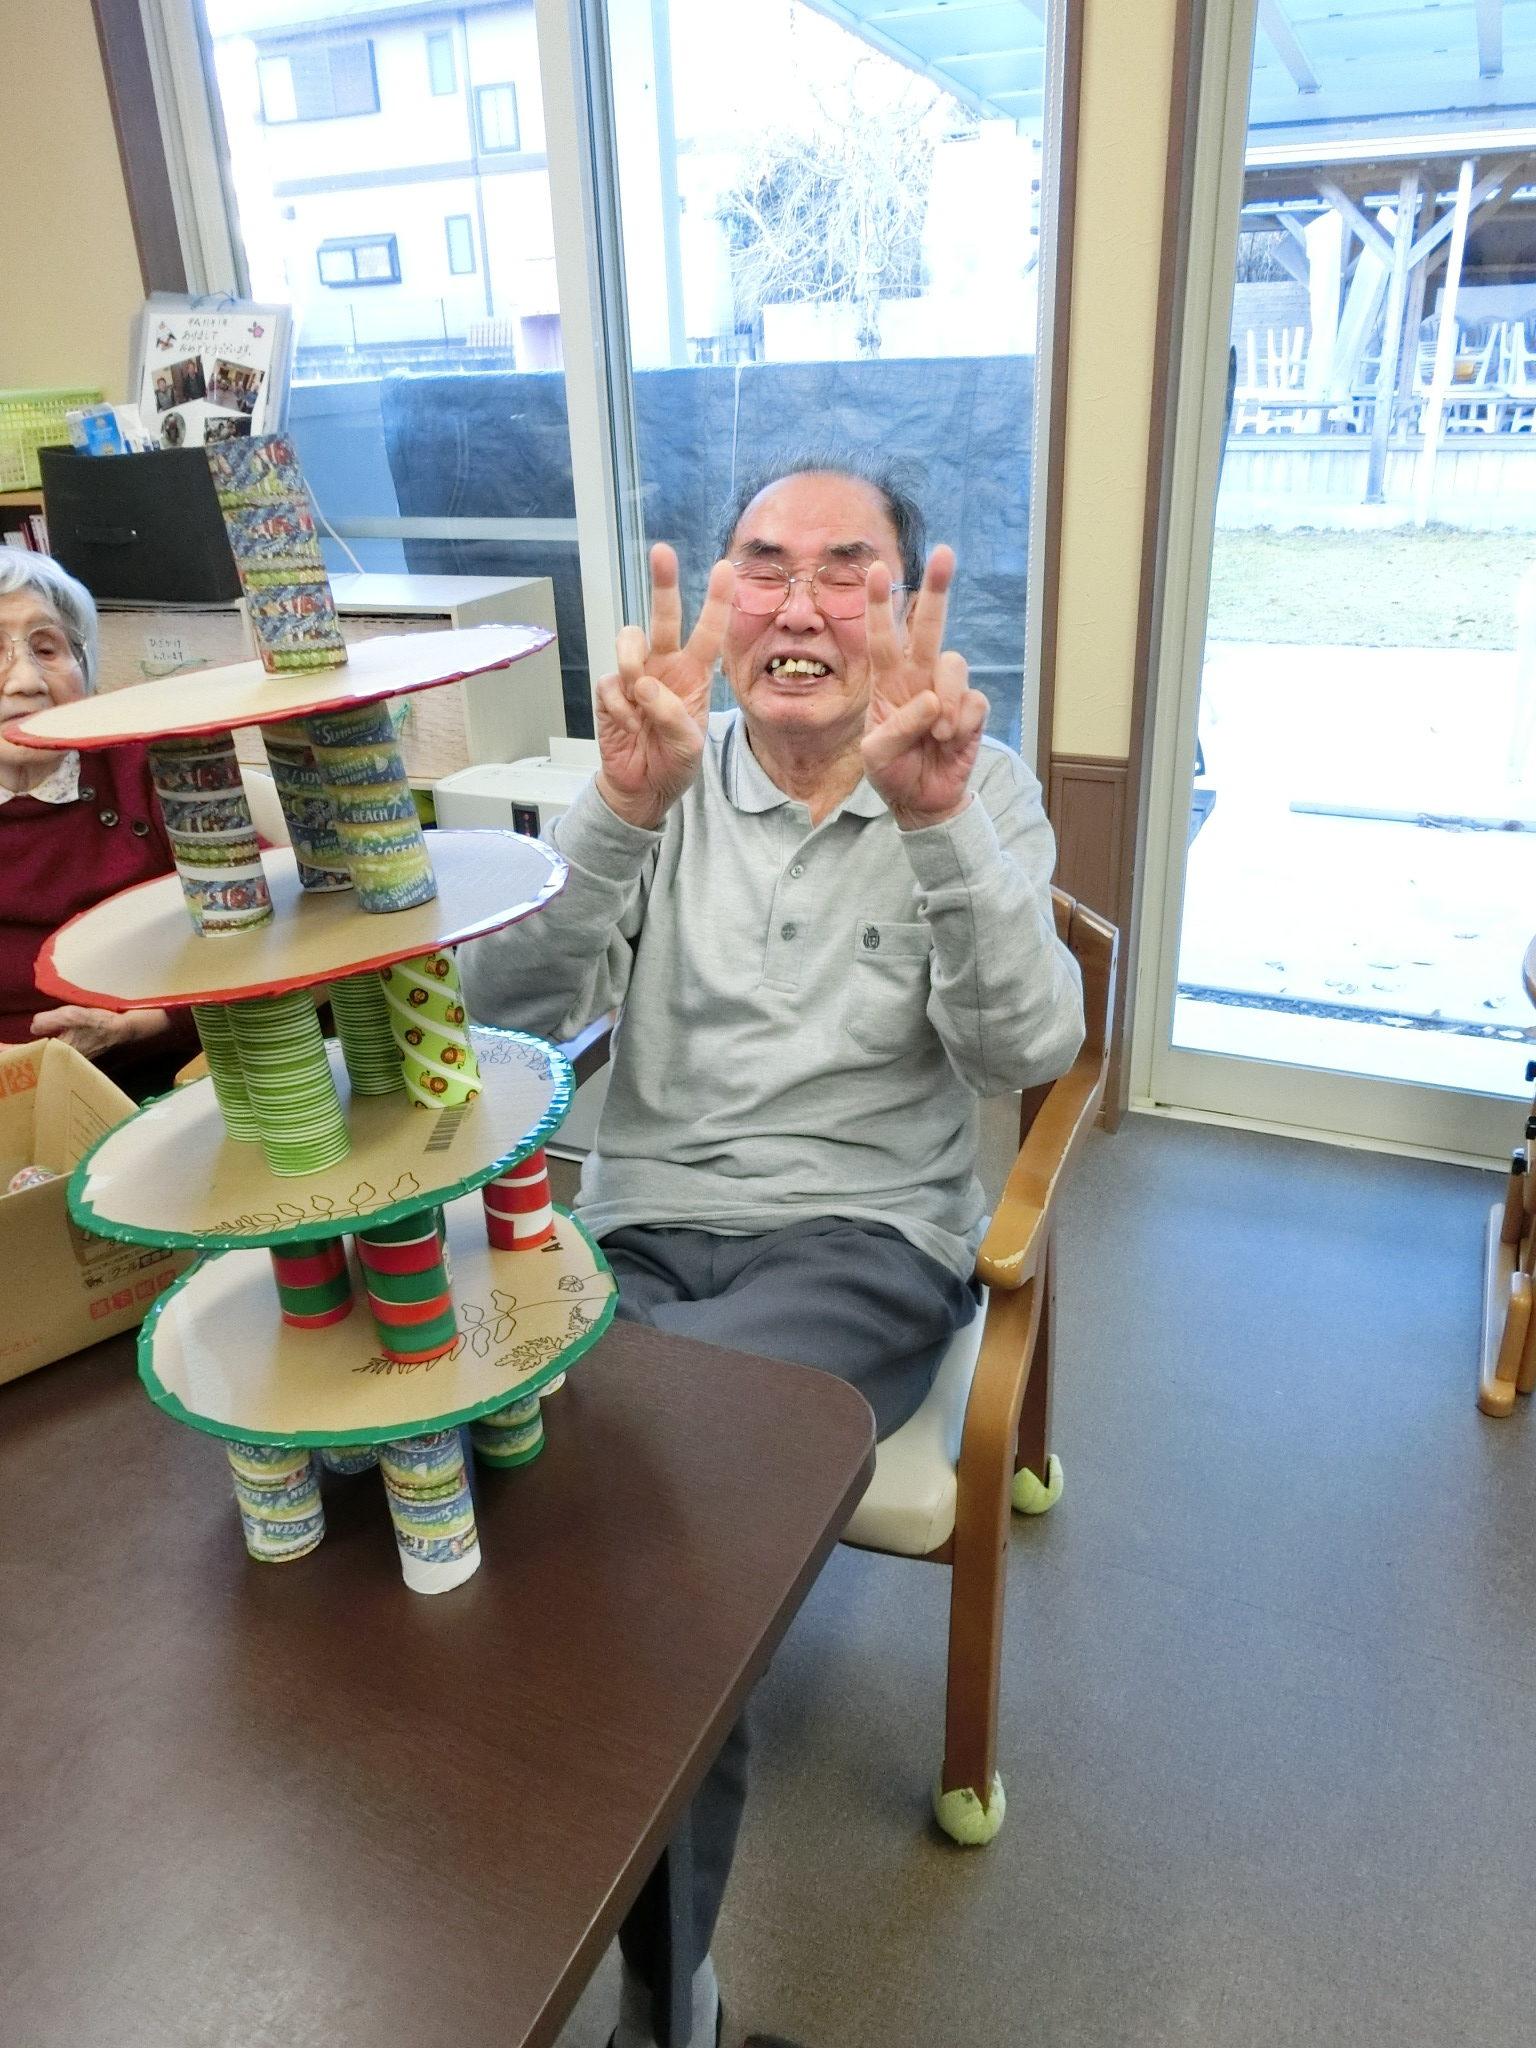 CIMG0351 rotated - <レクリエーション>豪華クリスマスケーキ作り競争